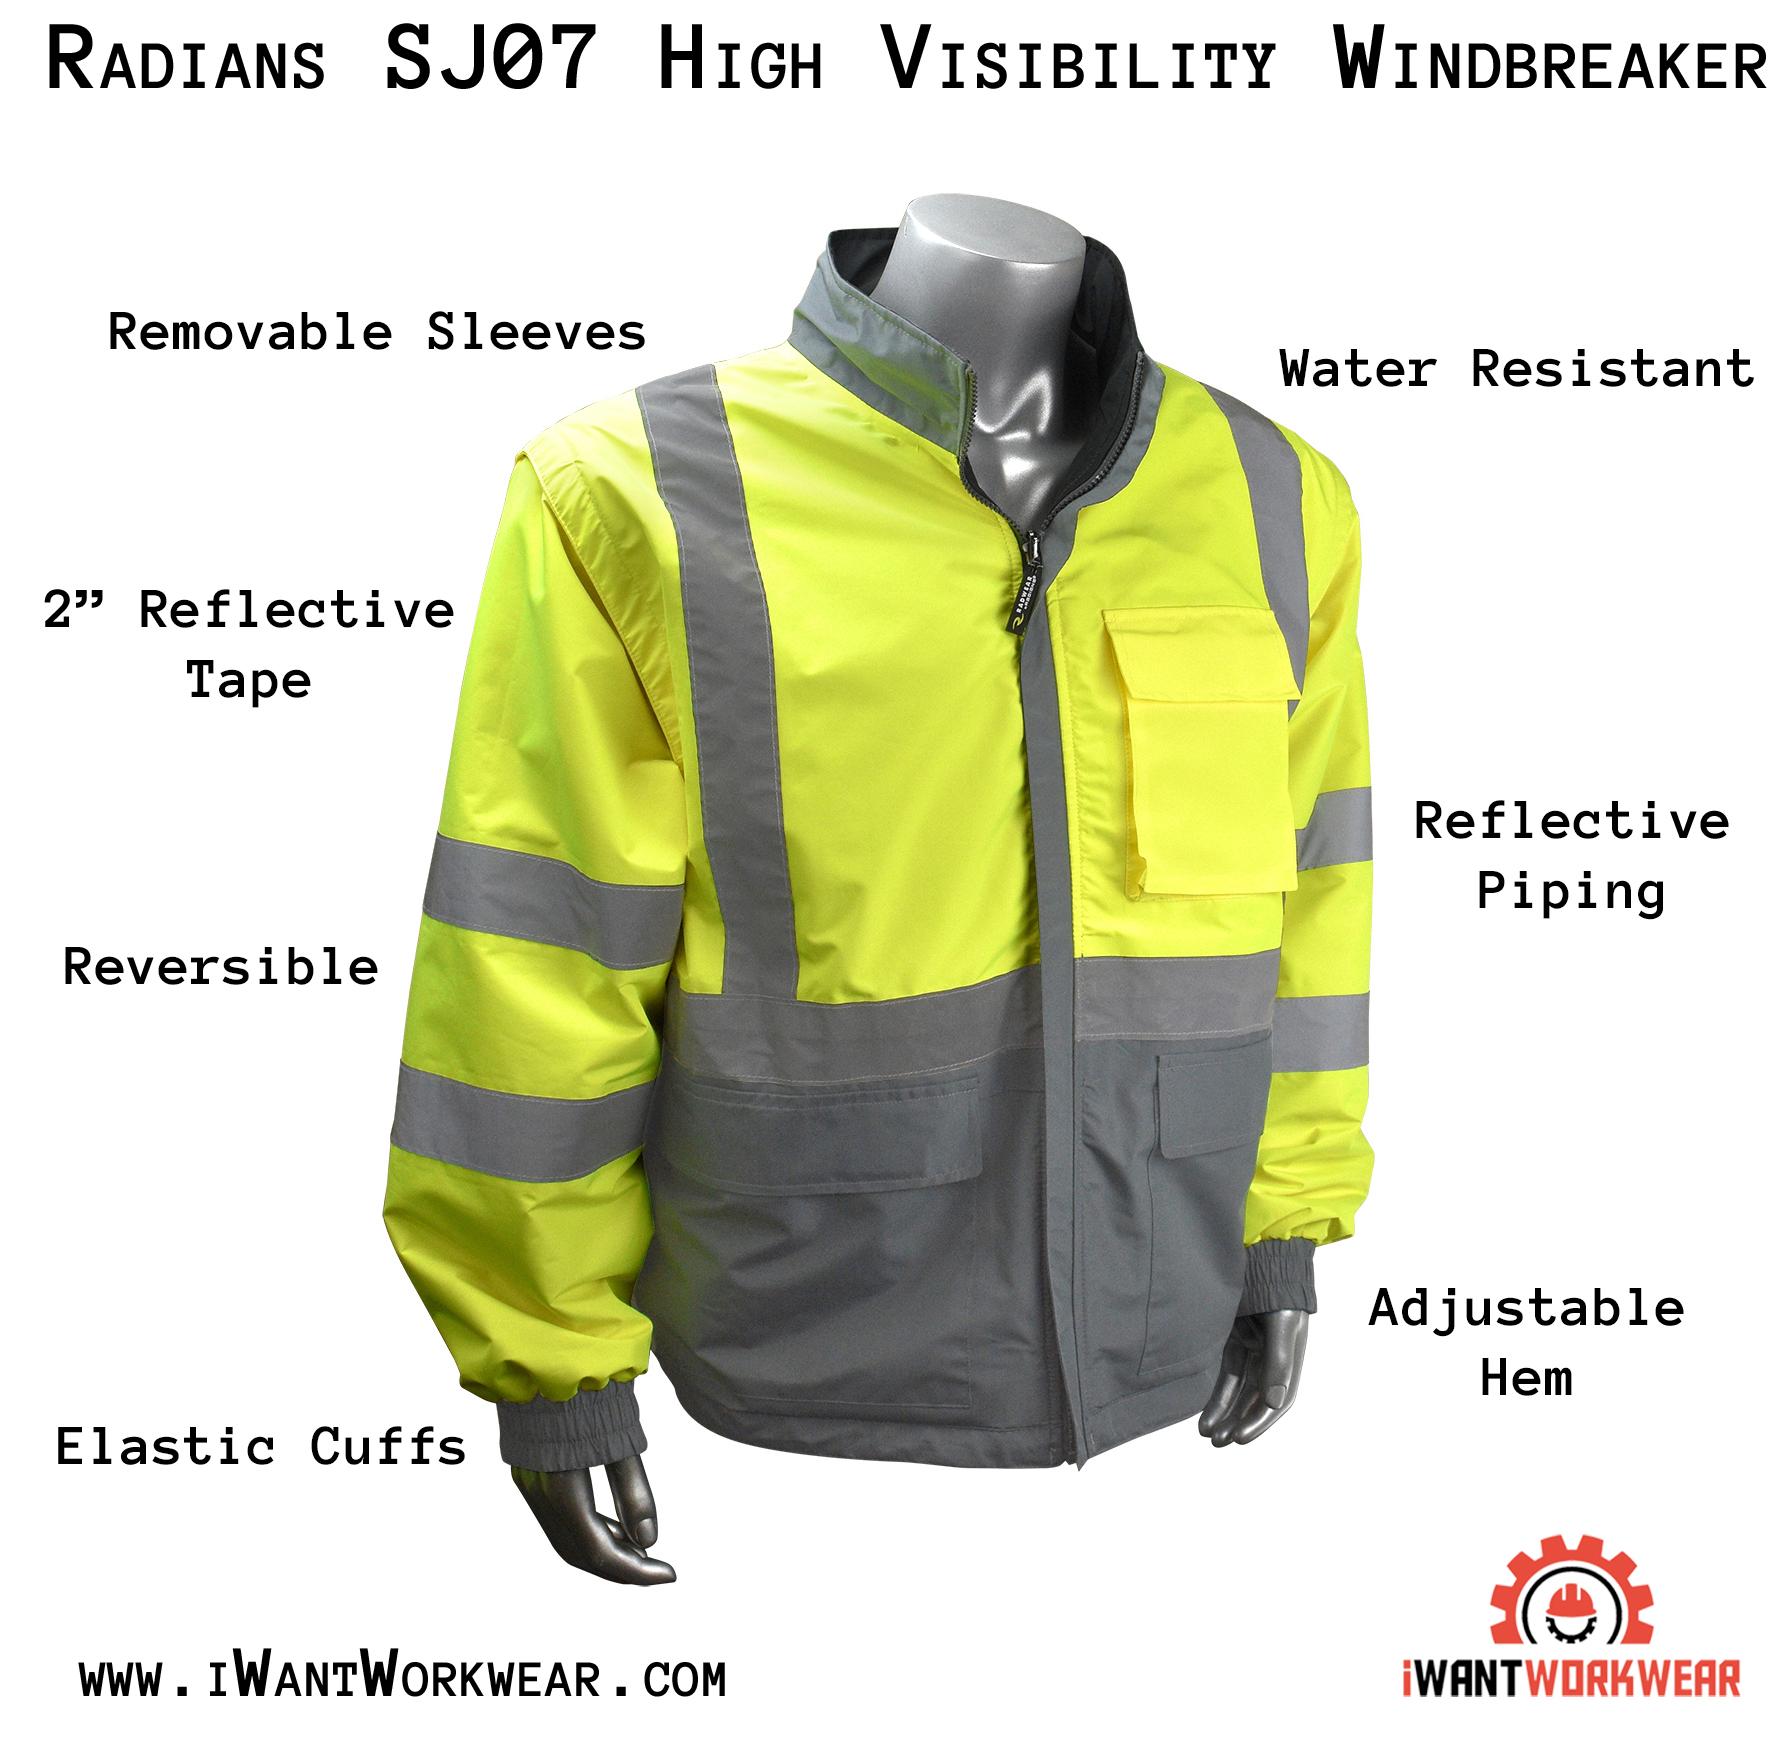 570bd7af8 Radians SJ07 Men's 4-in-1 Safety Jacket, Black Bottom — iWantWorkwear